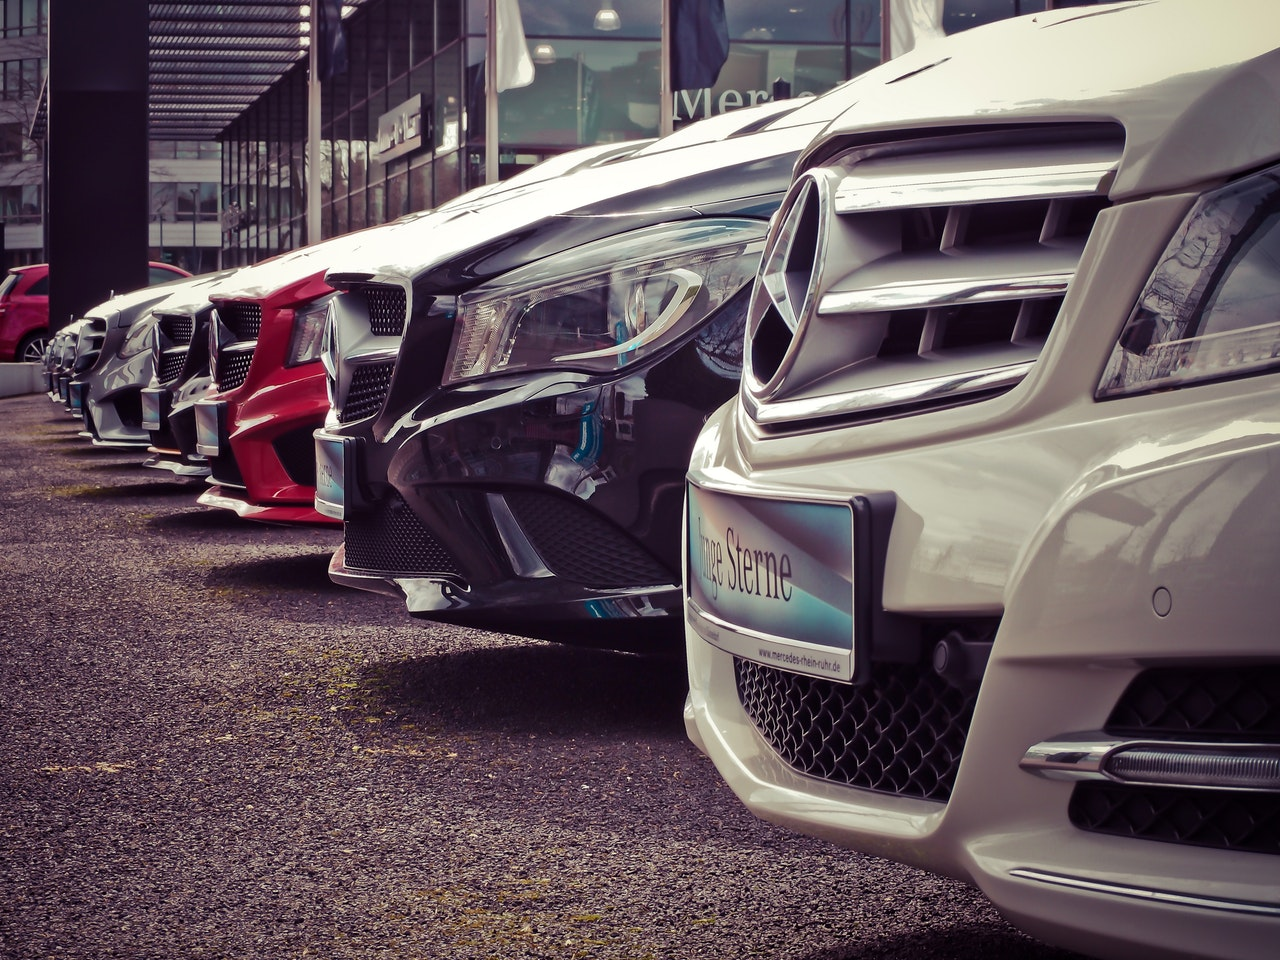 Flottenfahrzeuge